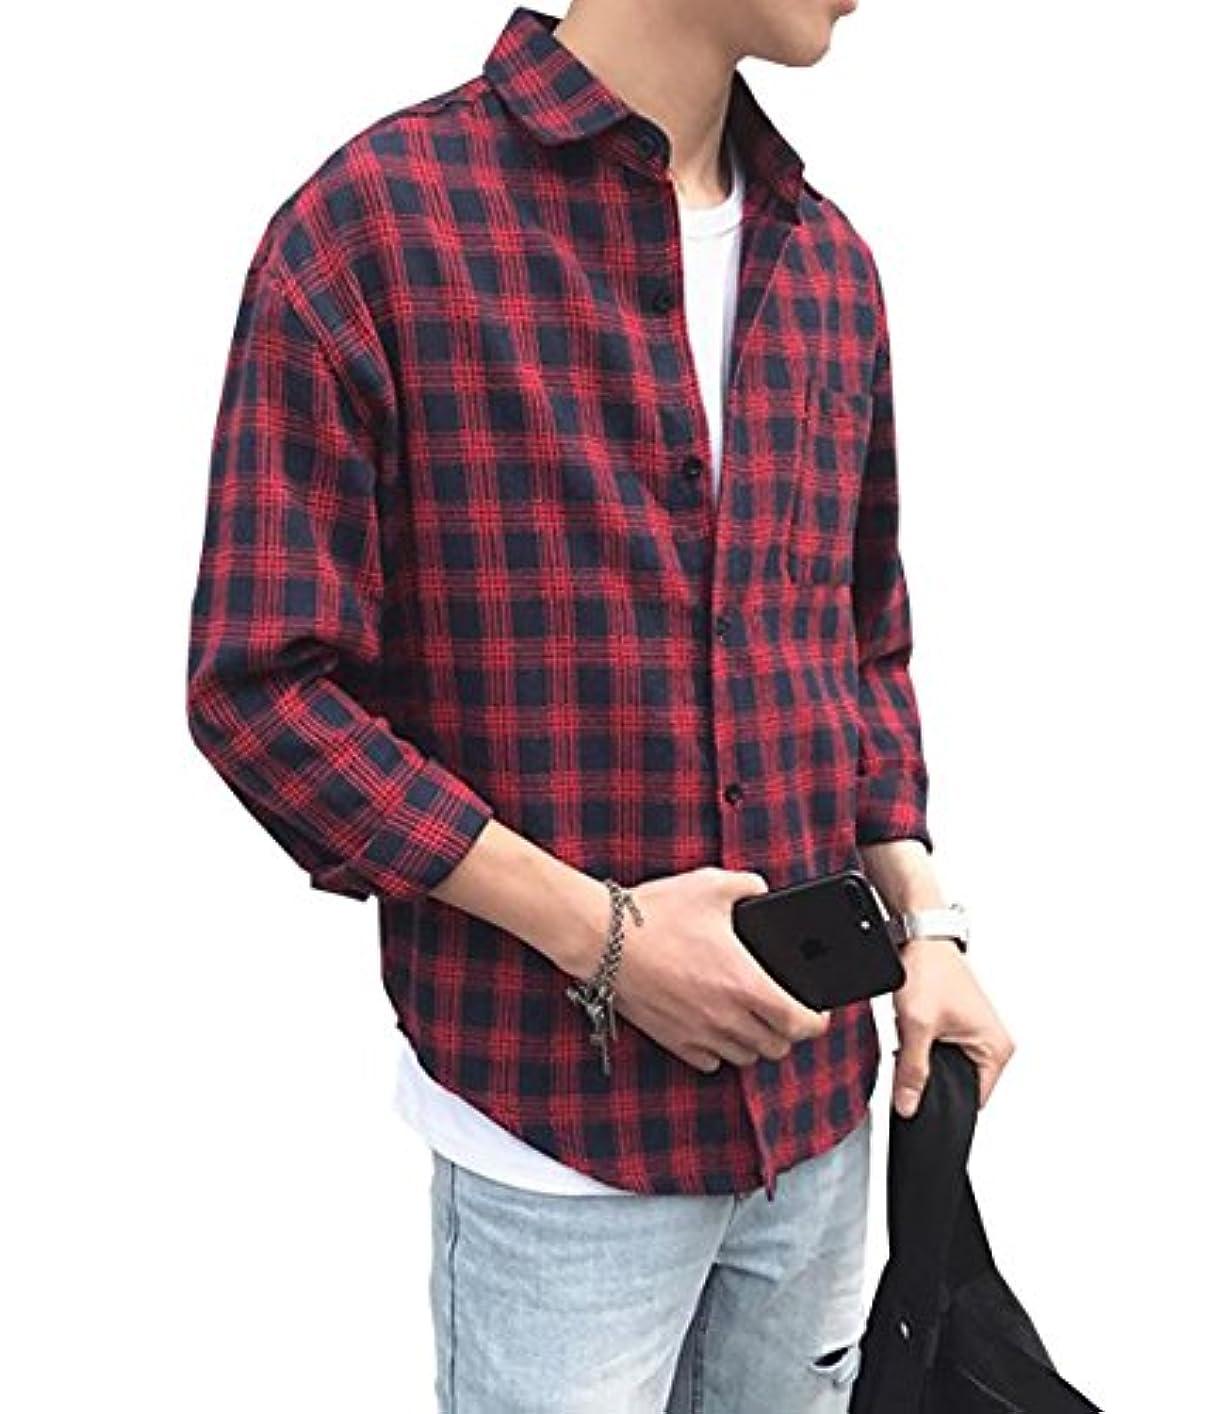 菊インタラクションアンソロジーPuHao (プハオ) メンズ ゆったり きれいめ チェックシャツ シャツ カジュアルシャツ 春 おしゃれ シンプル ワイシャツ 長袖 薄手 ビジネス シャツ ブラウス メンズ Tシャツ カットソー (レッド, L)